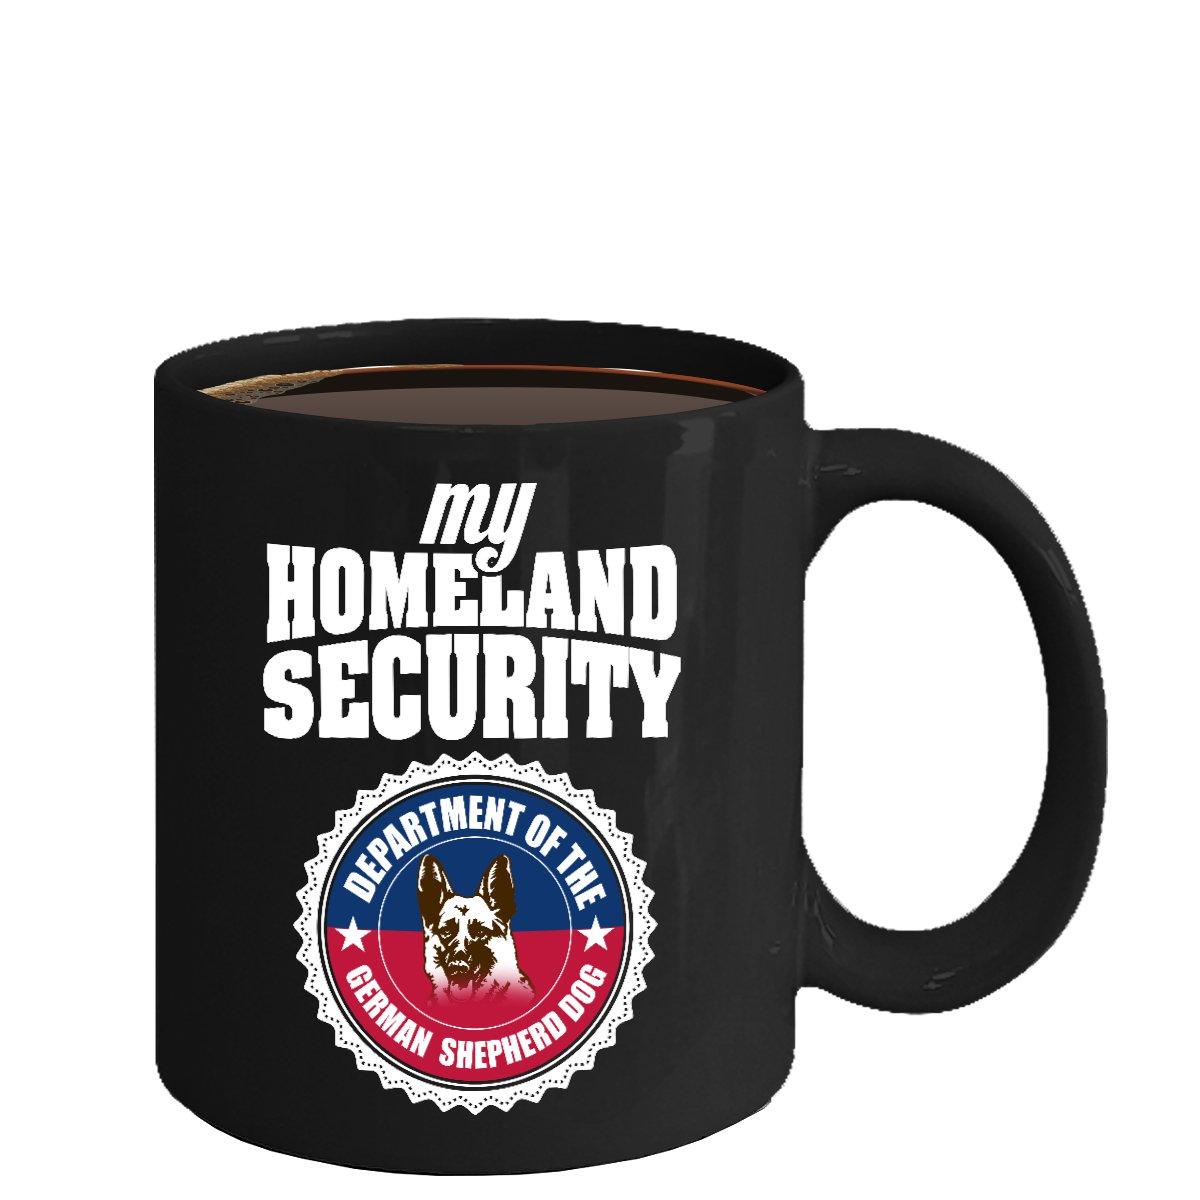 German Shepherd Ceramic Coffee Mug - Homeland Security - Cute Large Cup (Black) - Best Gift